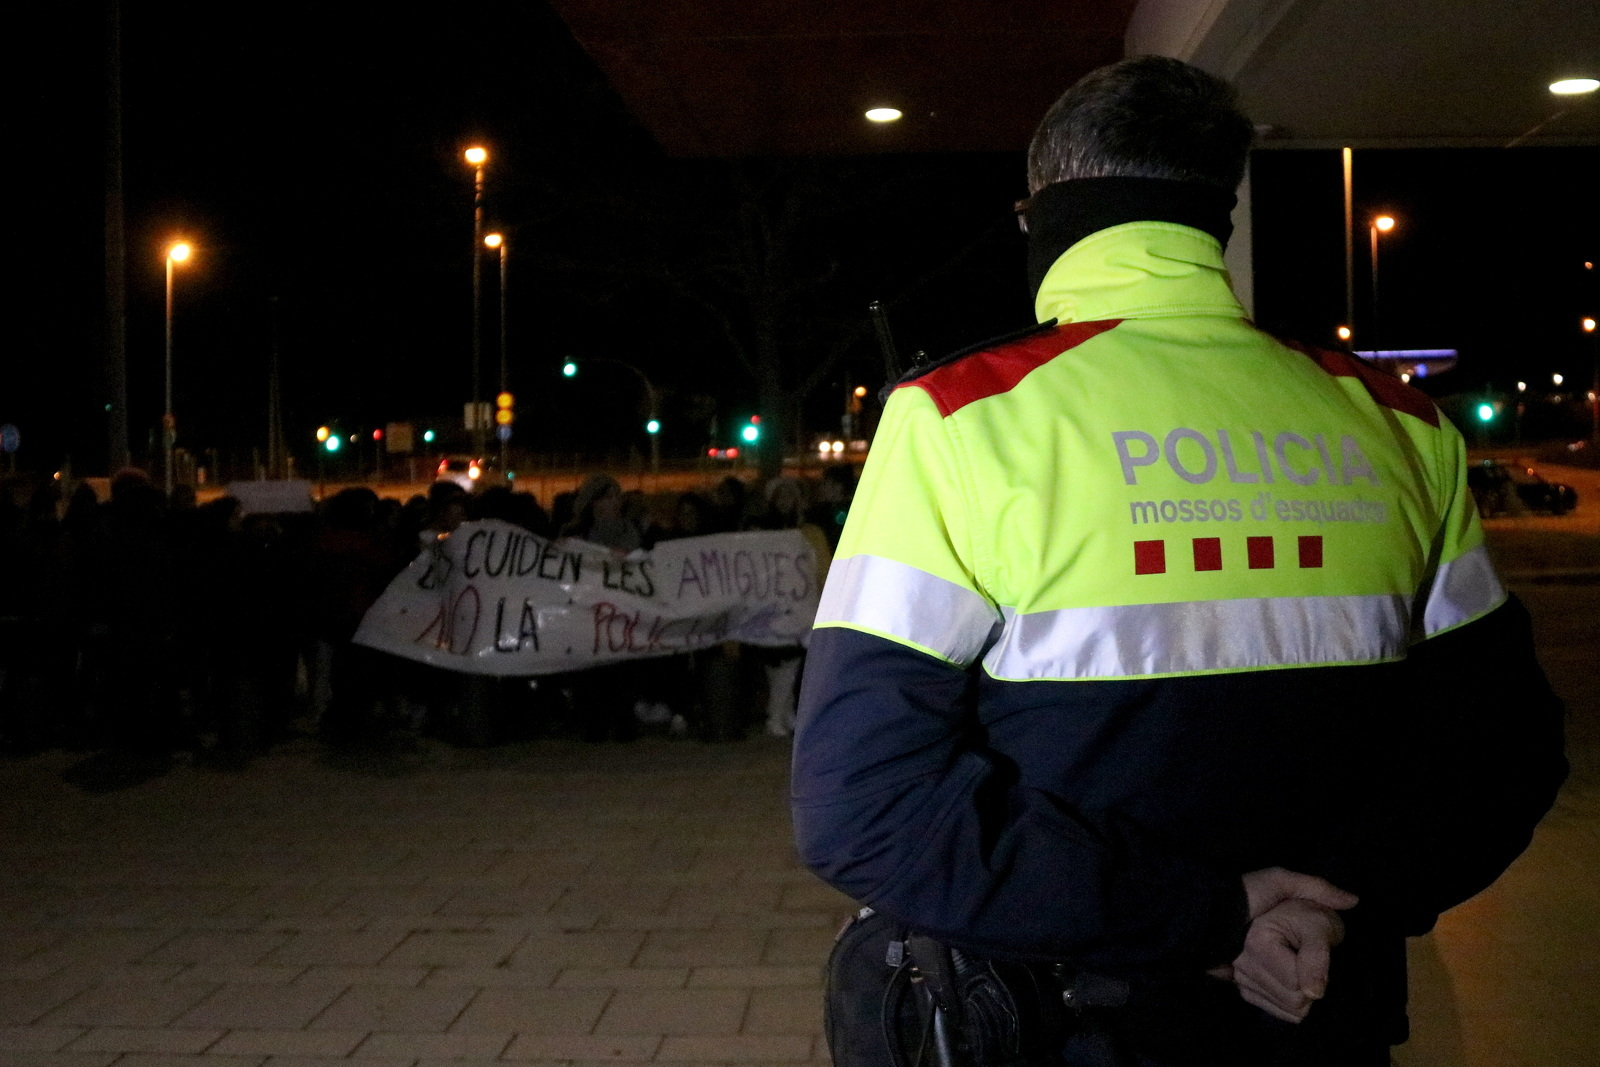 Un agent dels mossos amb la manifestació contra la violència contra les dones al davant